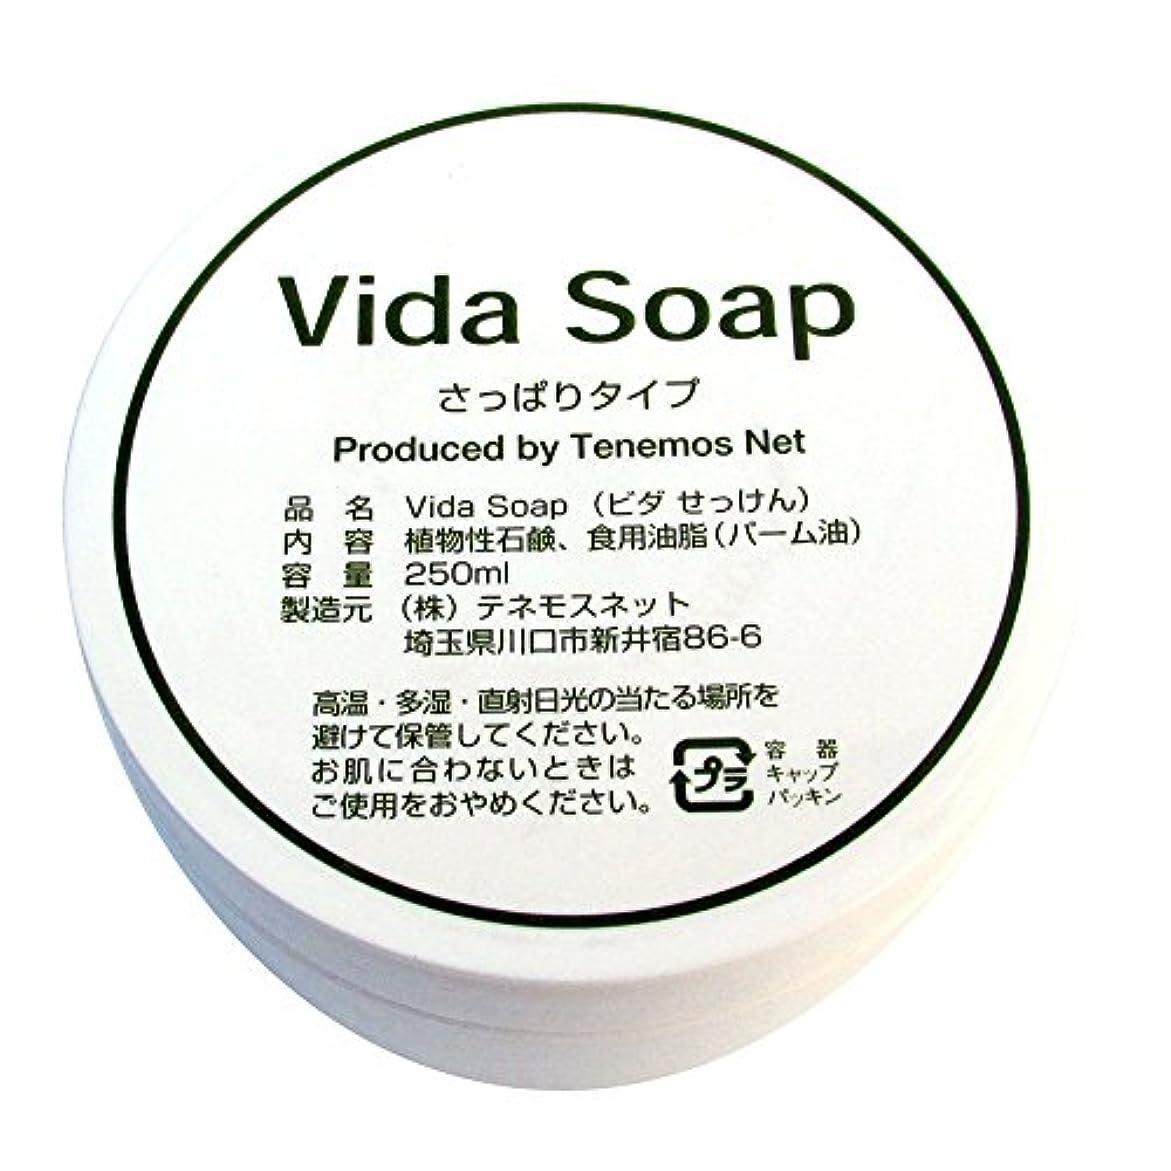 ストレージ便益兄テネモス ビダせっけん Vida Soap さっぱりノーマル 植物性 250ml